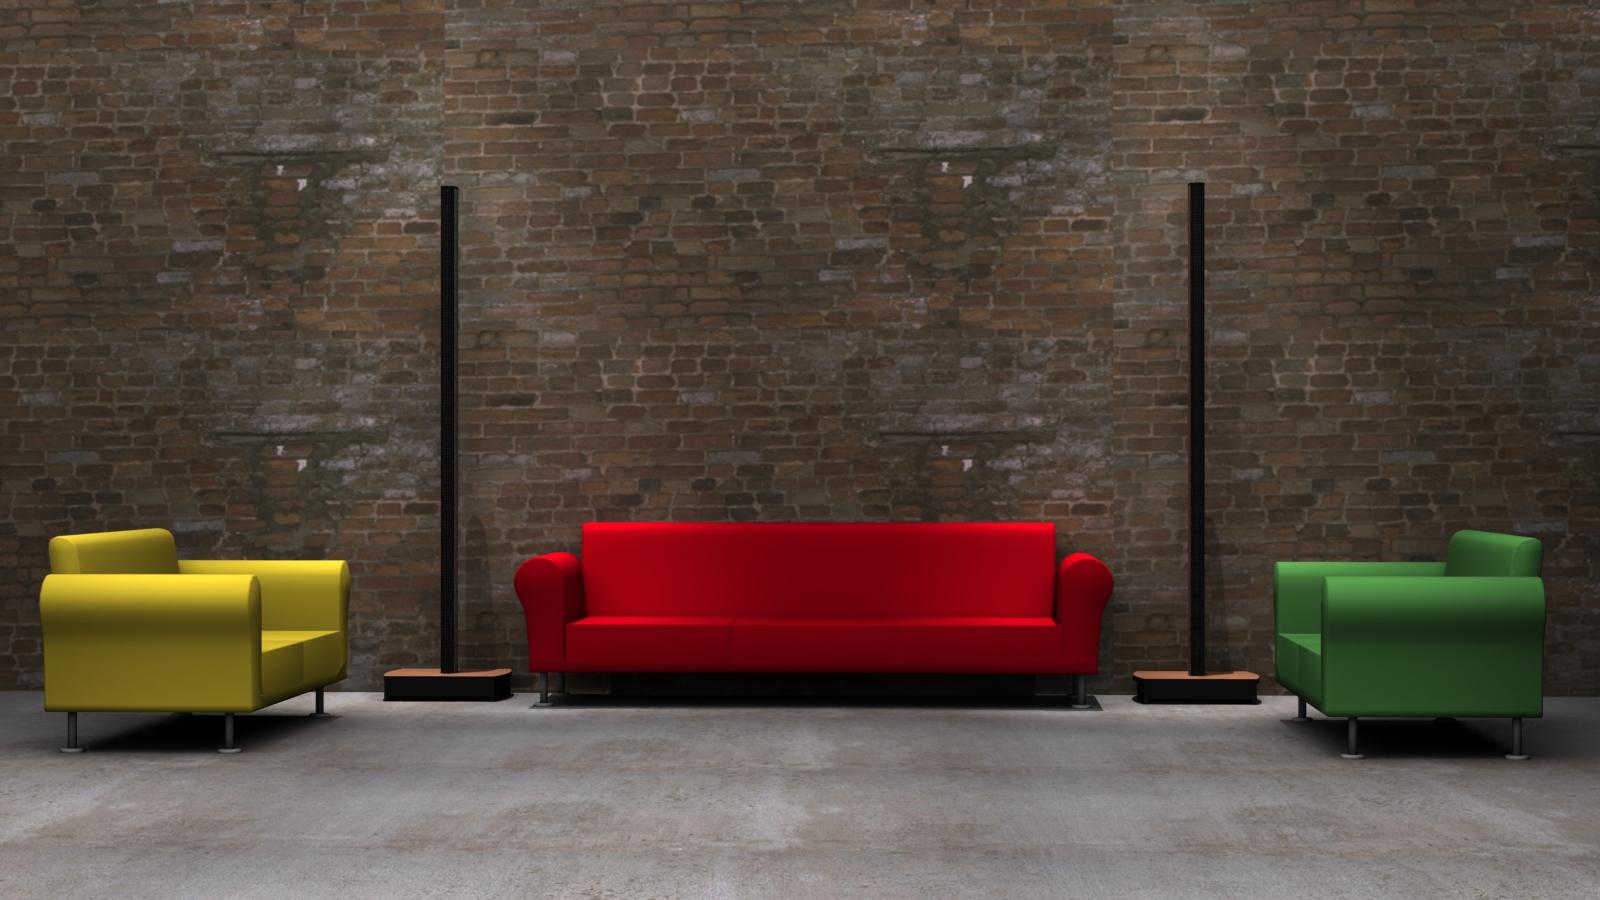 Full Size of Sofa Mit Lautsprecher Und Licht Led Big Couch Poco Design Unterschiedlichen Sockel Ikea Schlaffunktion Tom Tailor Home Affaire Barock Schlafsofa Liegefläche Wohnzimmer Sofa Mit Musikboxen